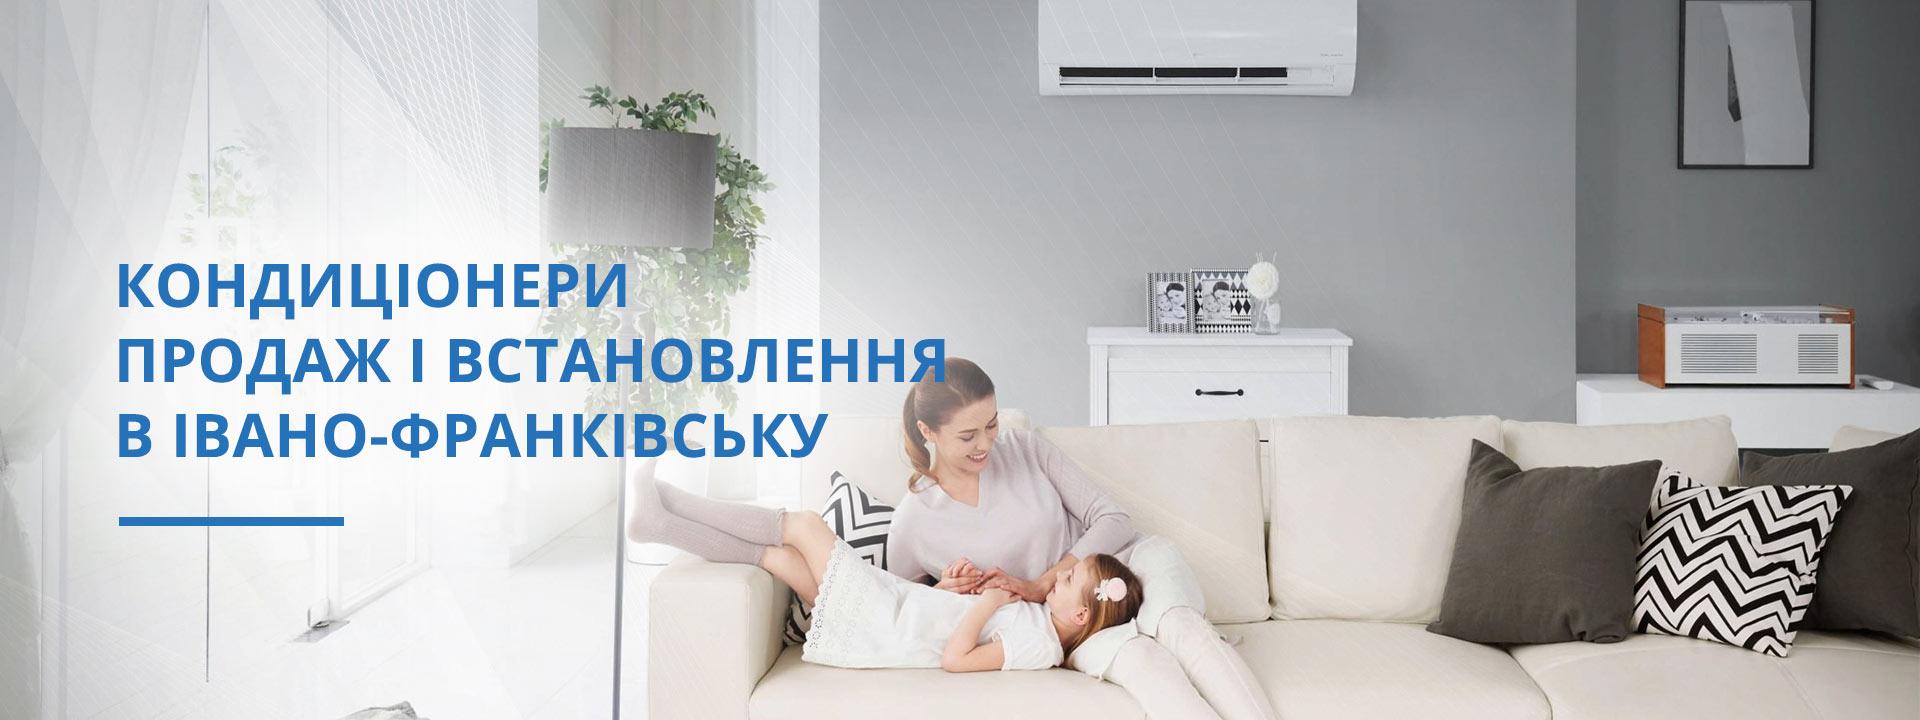 Кондиціонери — продаж і встановлення в Івано-Франківську